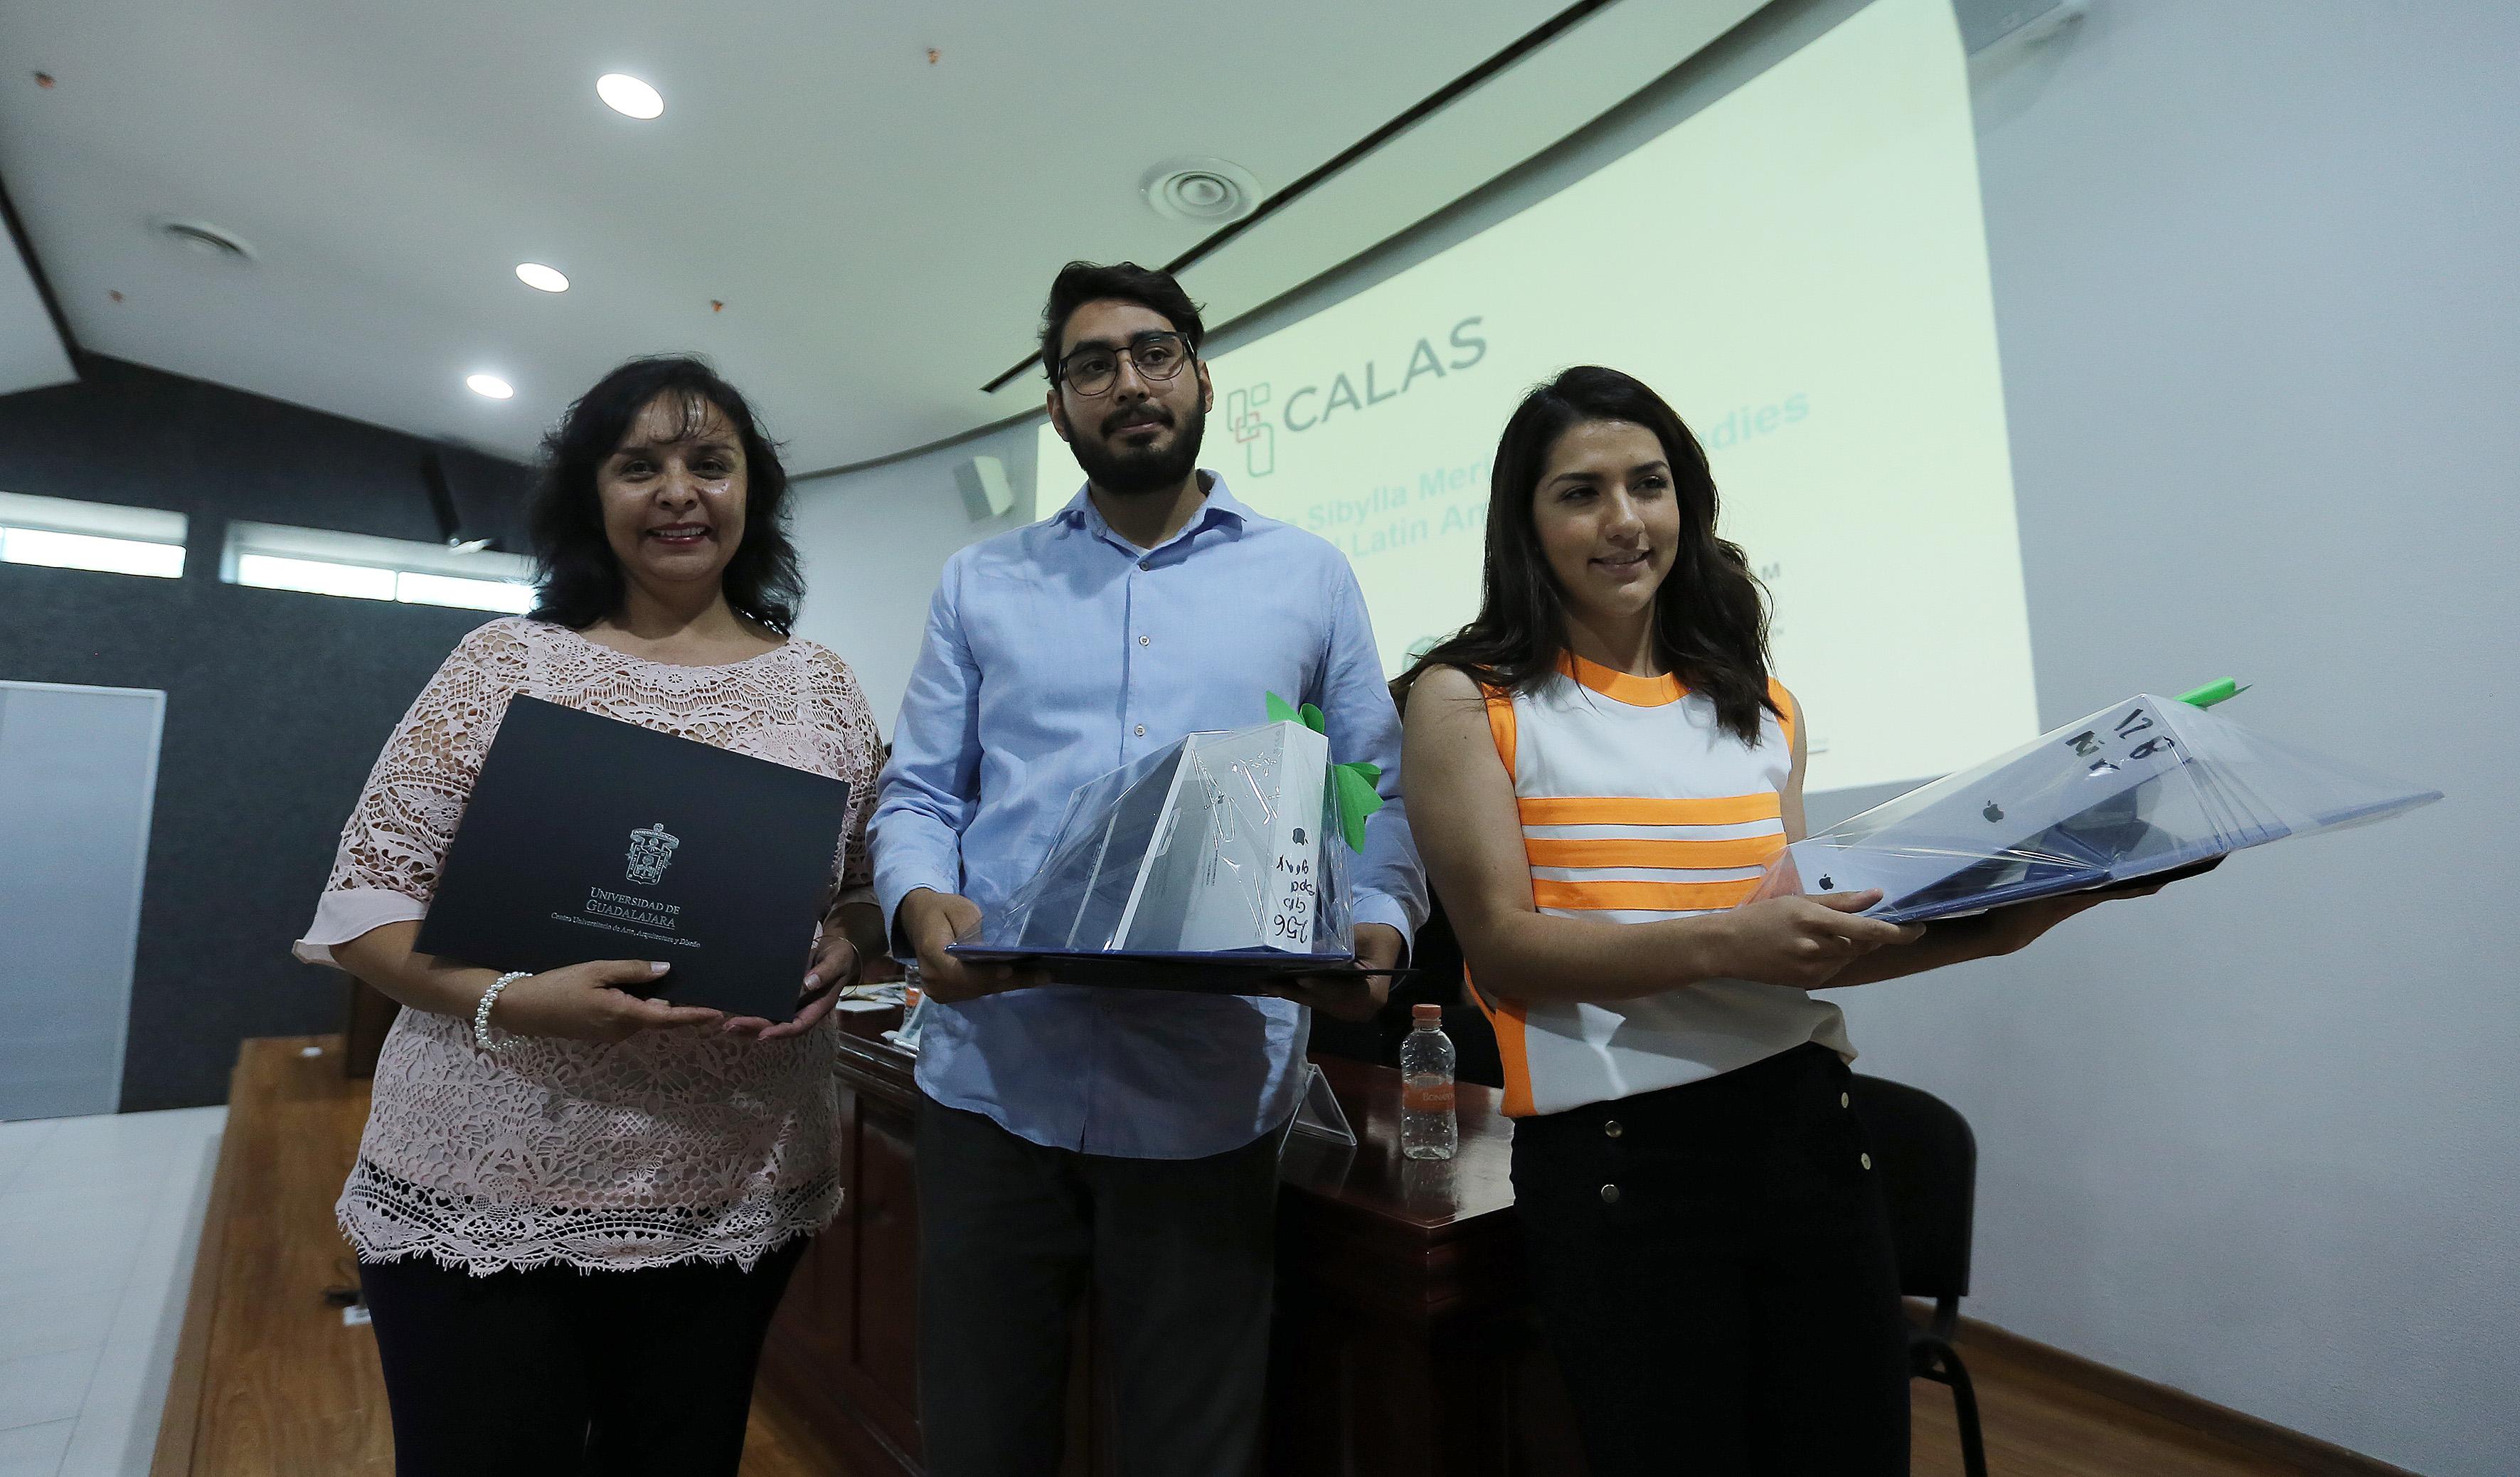 Miembros de la conferencia del Centro de Estudios Avanzados de América Latina.